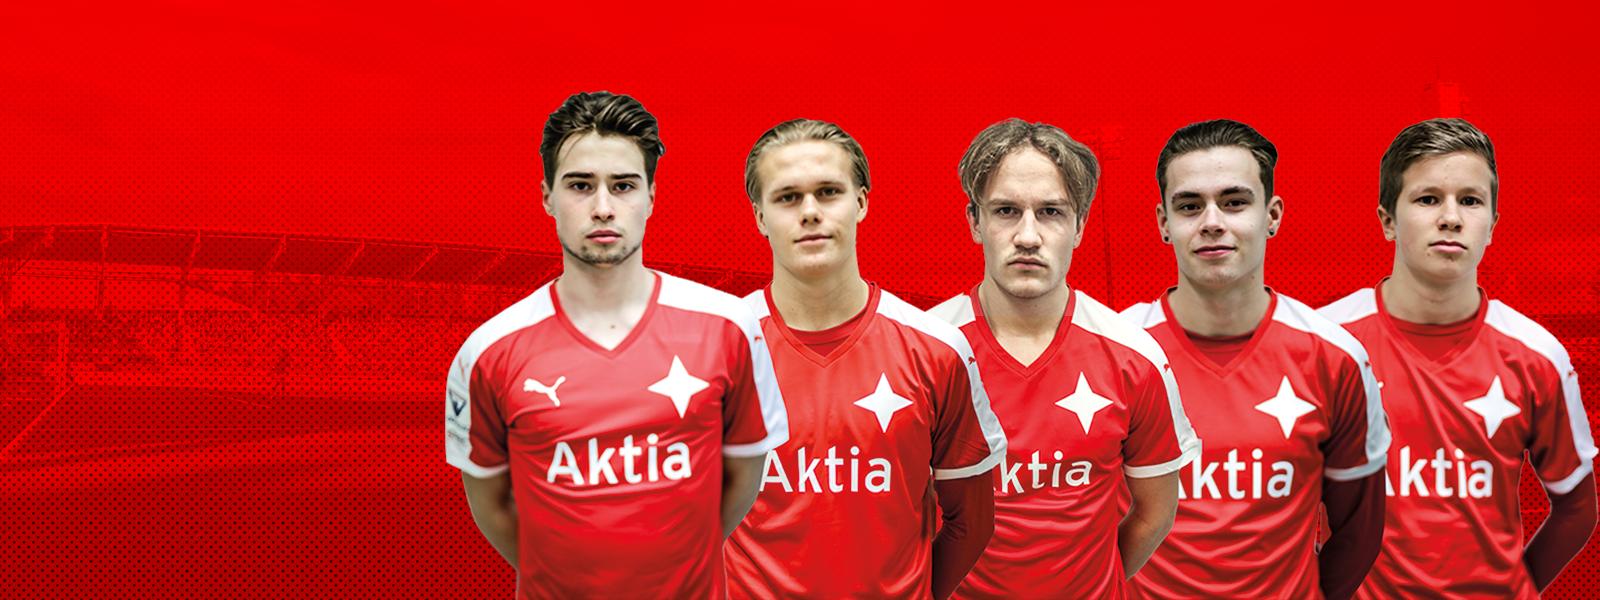 HIFK sopimukseen viiden <br> juniorimaajoukkuepelaajan <br> kanssa